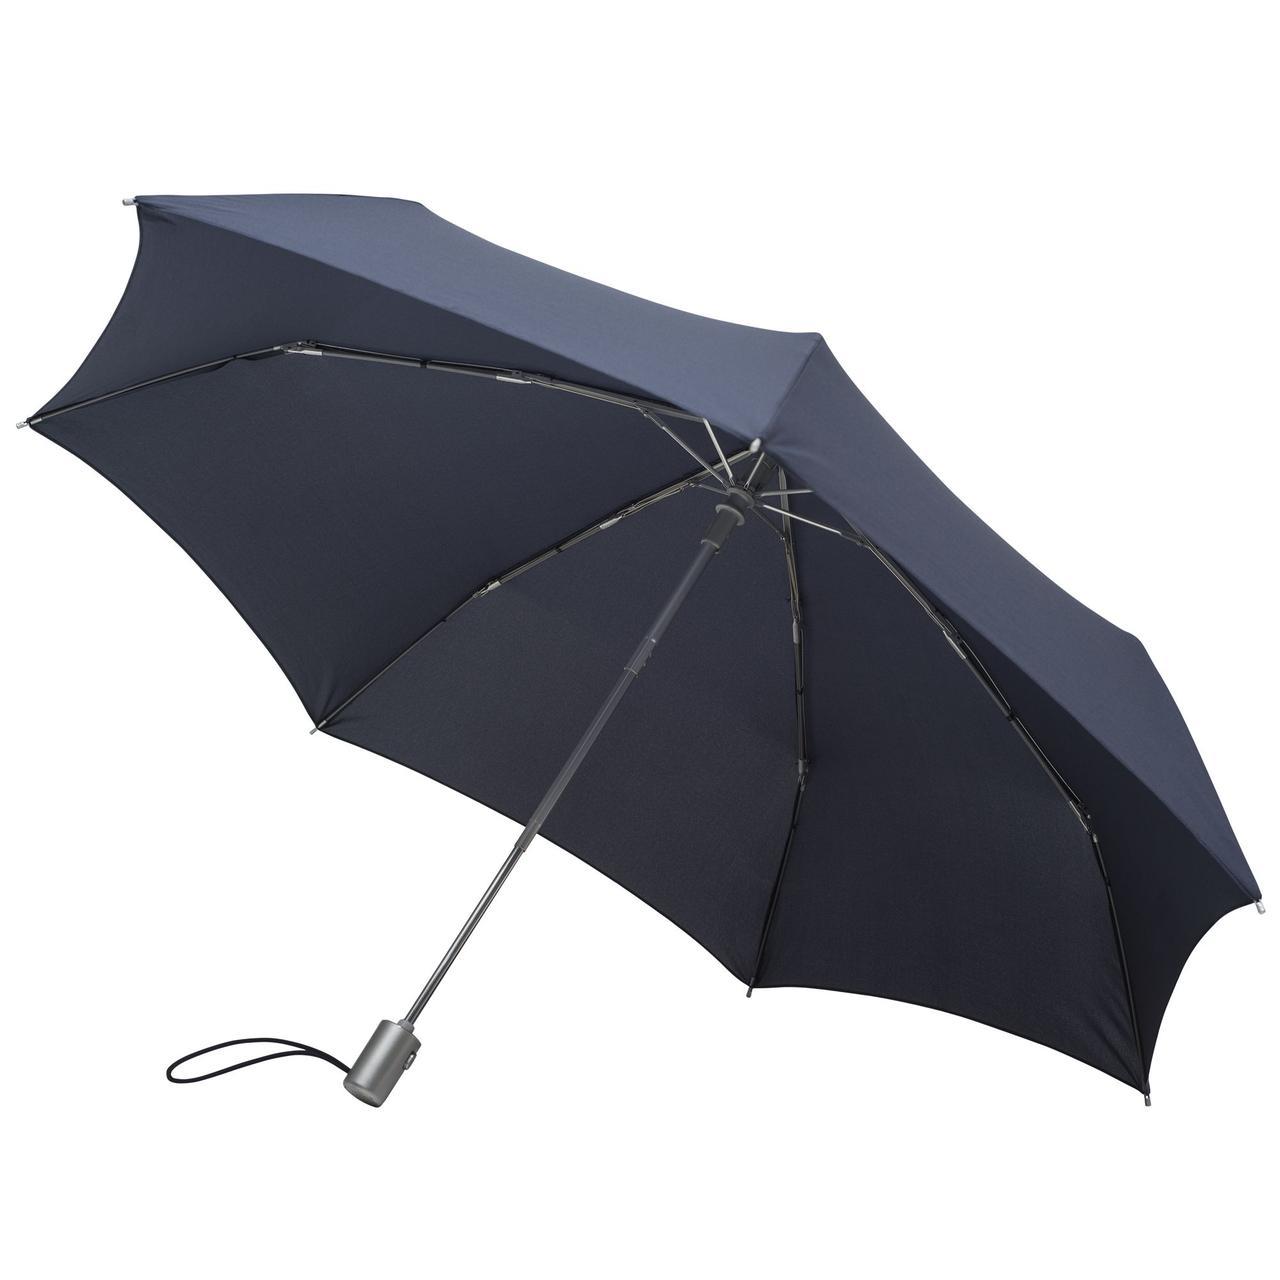 Складной зонт Alu Drop, 3 сложения, 7 спиц, автомат, темно-синий